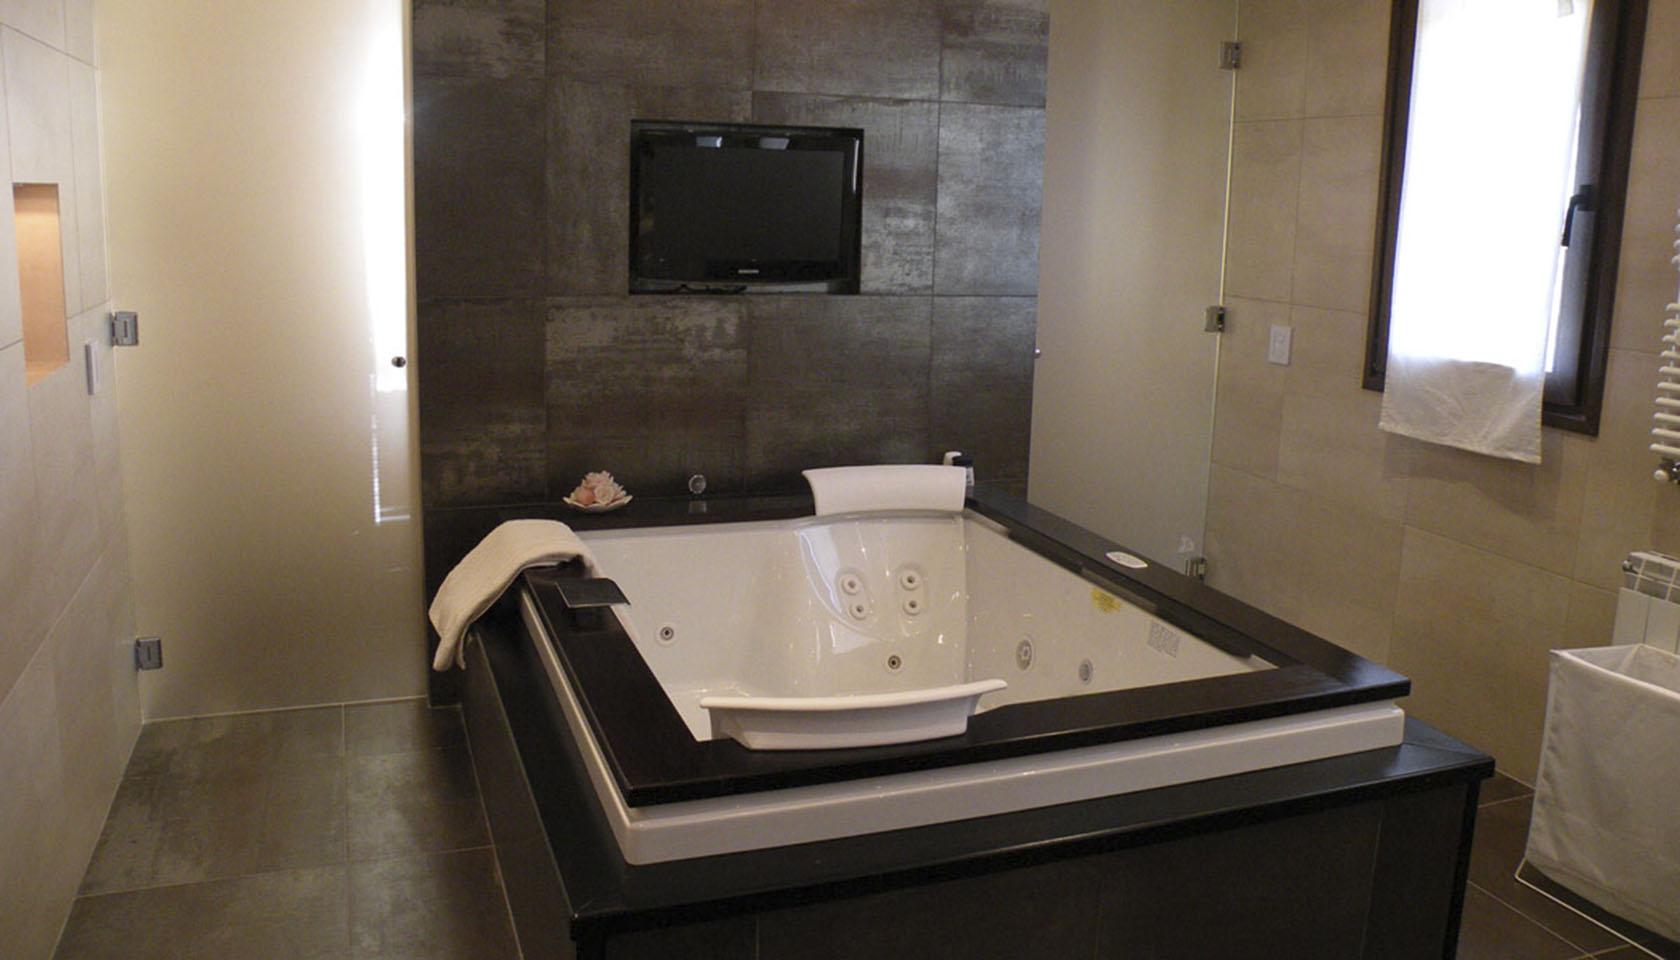 diseño de baños, revestimiento de porcelanato en baños